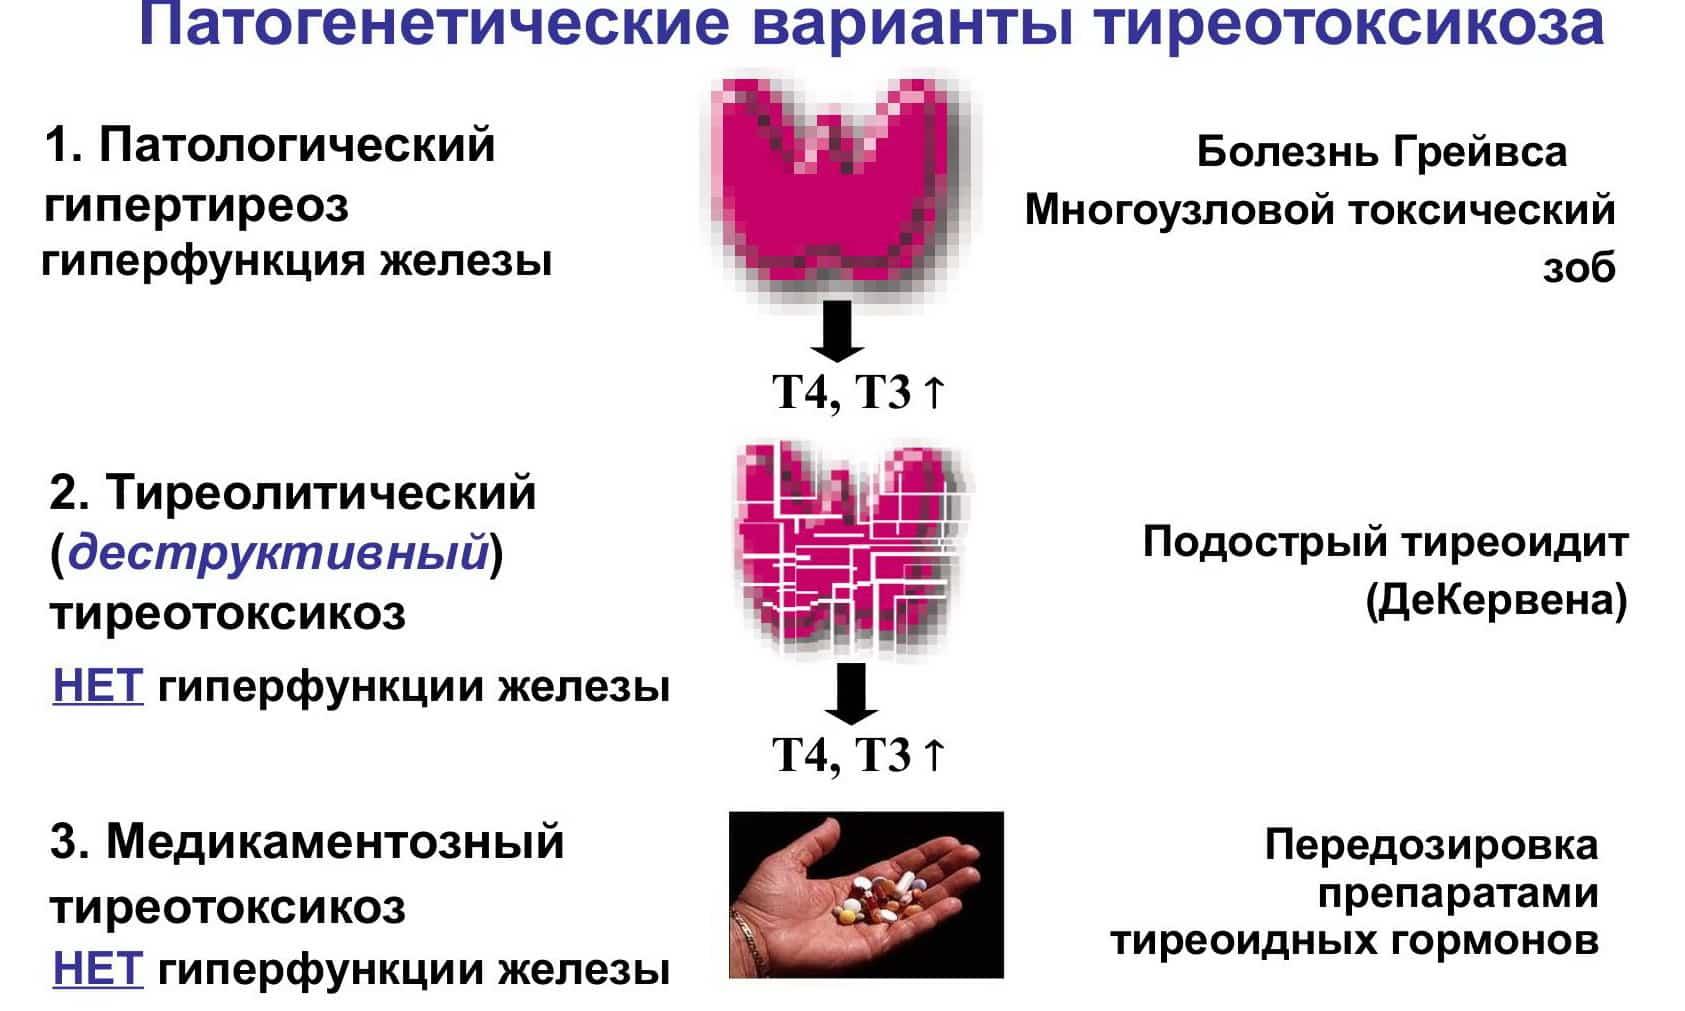 Тиреотоксикоз щитовидной железы: что это такое, симптомы, лечение